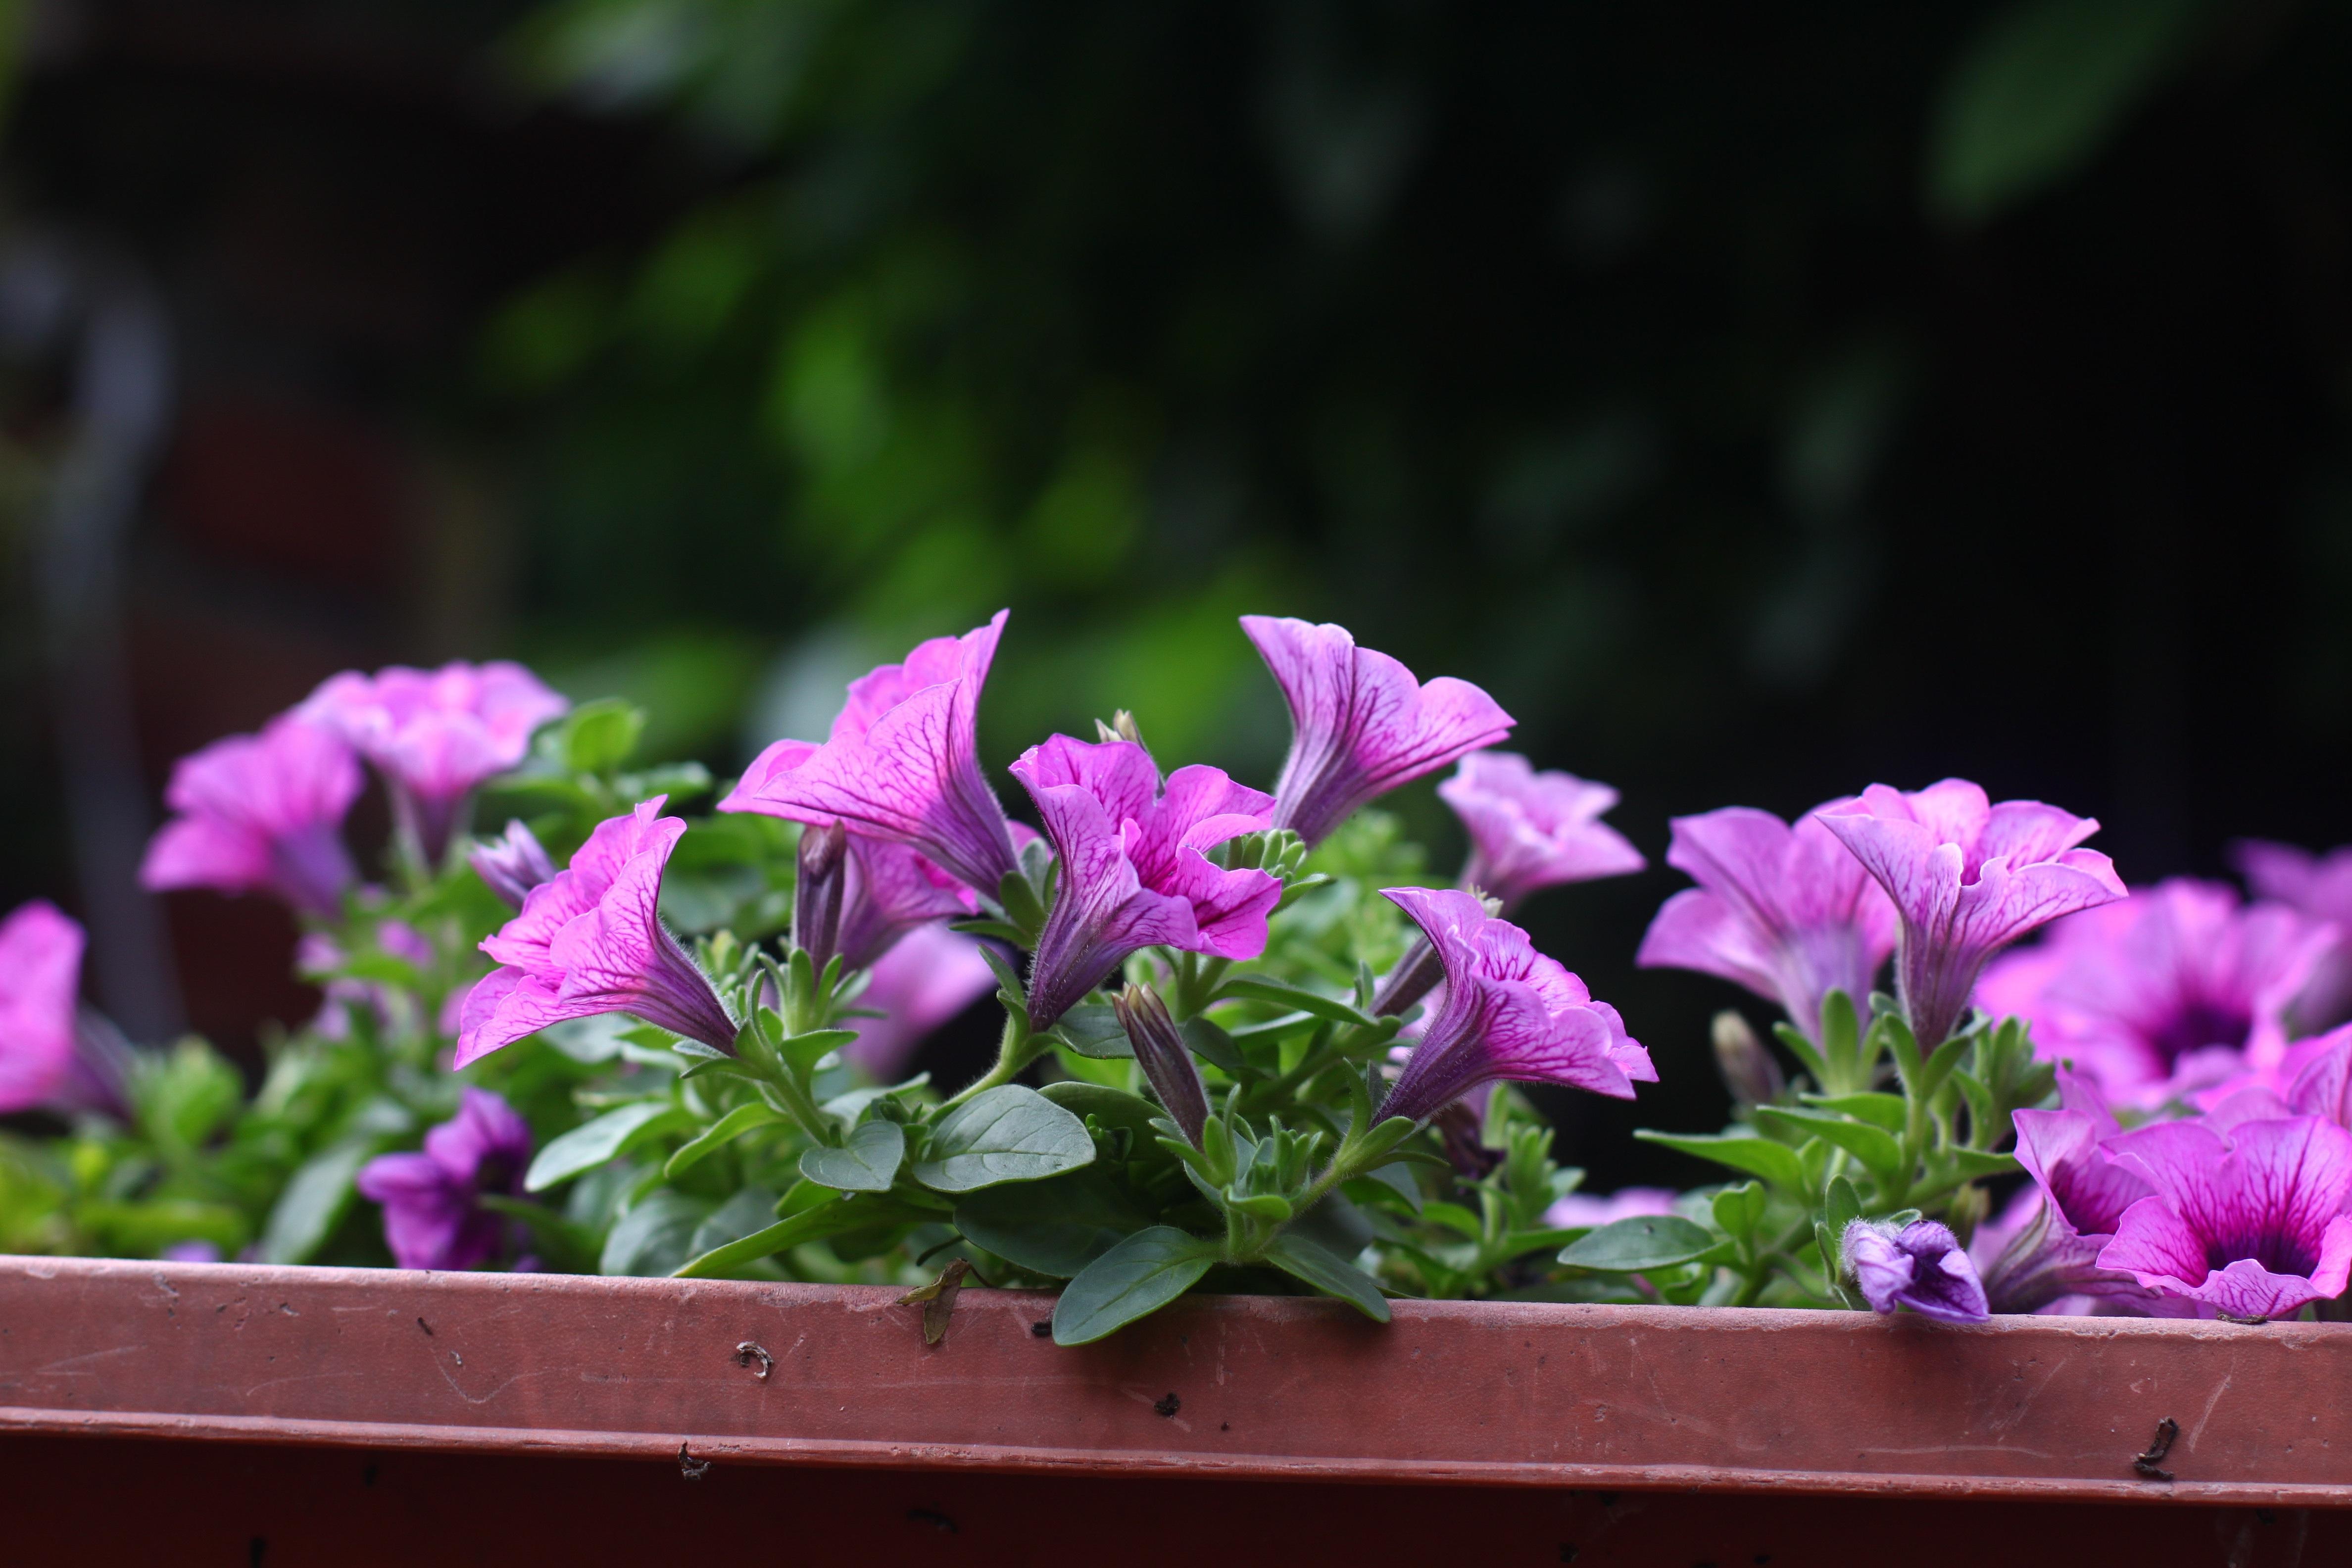 Blühen Pflanze Sonnenschein Morgen Blume Lila Blütenblatt Grün Natürlich  Frisch Botanik Flora Wildblume Alpenveilchen Topfpflanzen Floristik